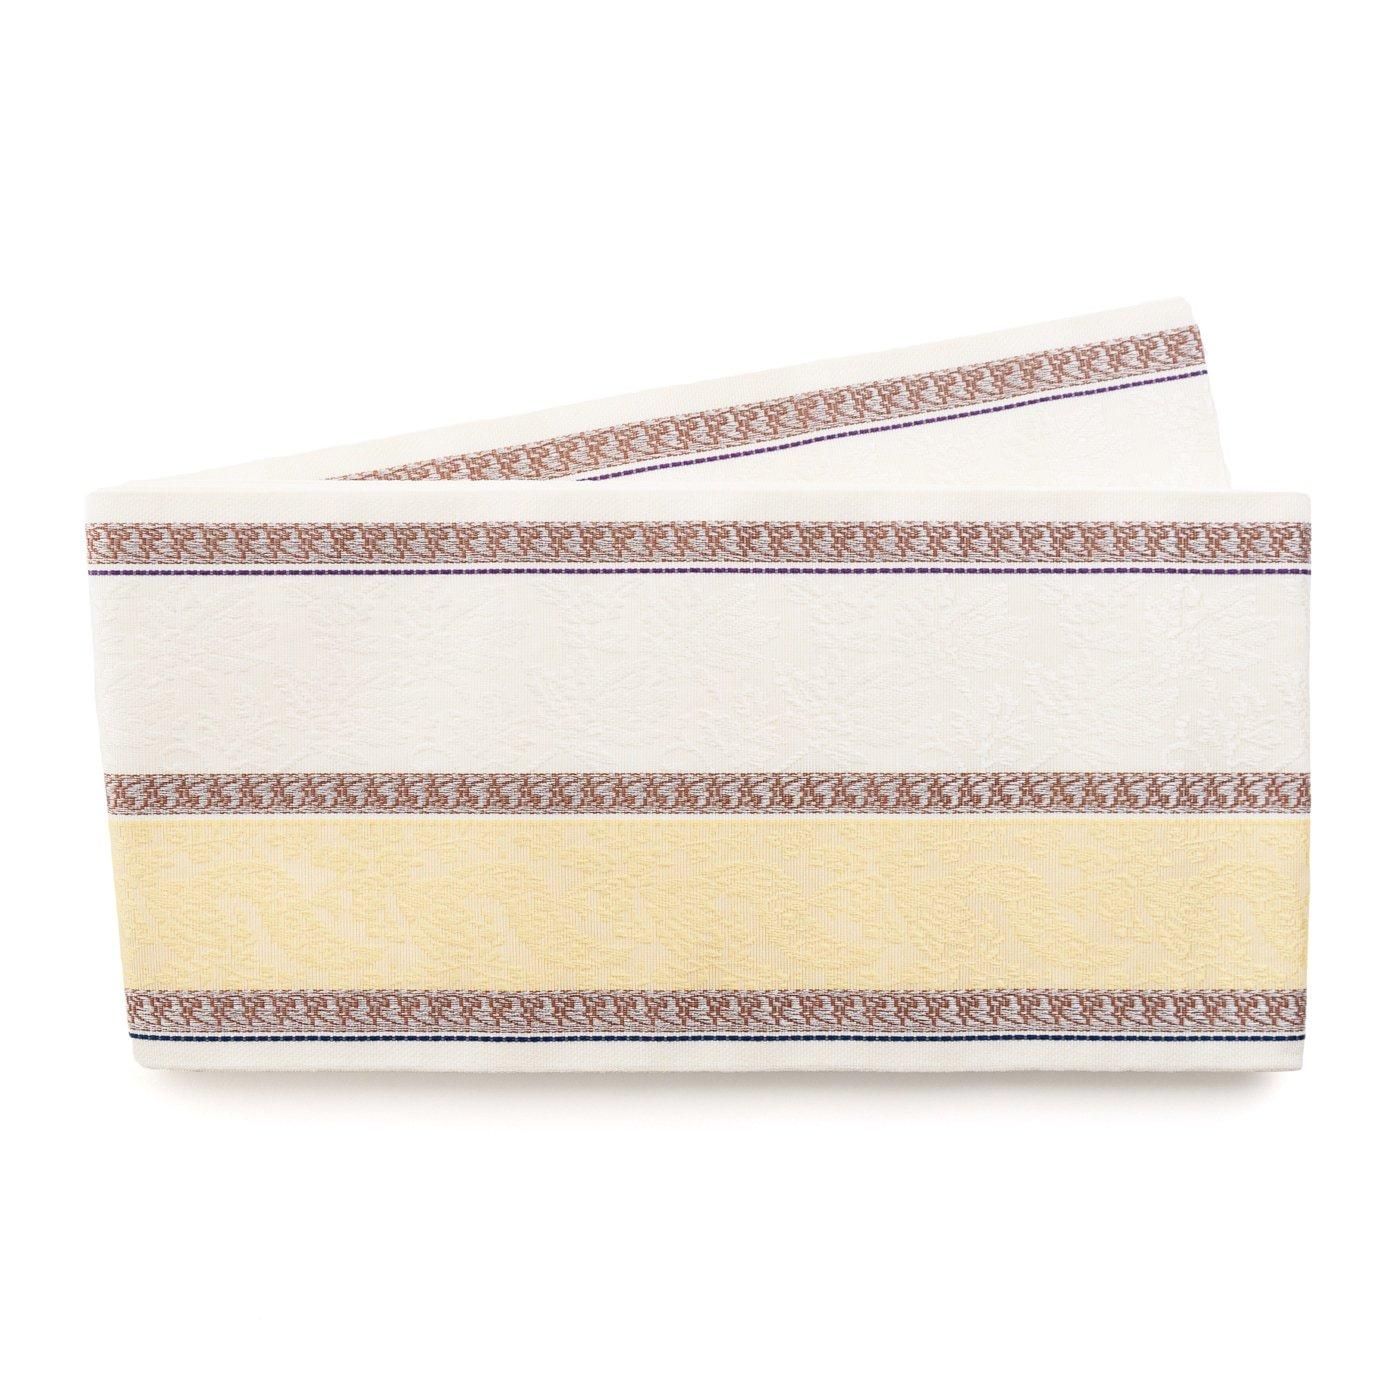 「博多小袋帯 黄色と白の縞」の商品画像